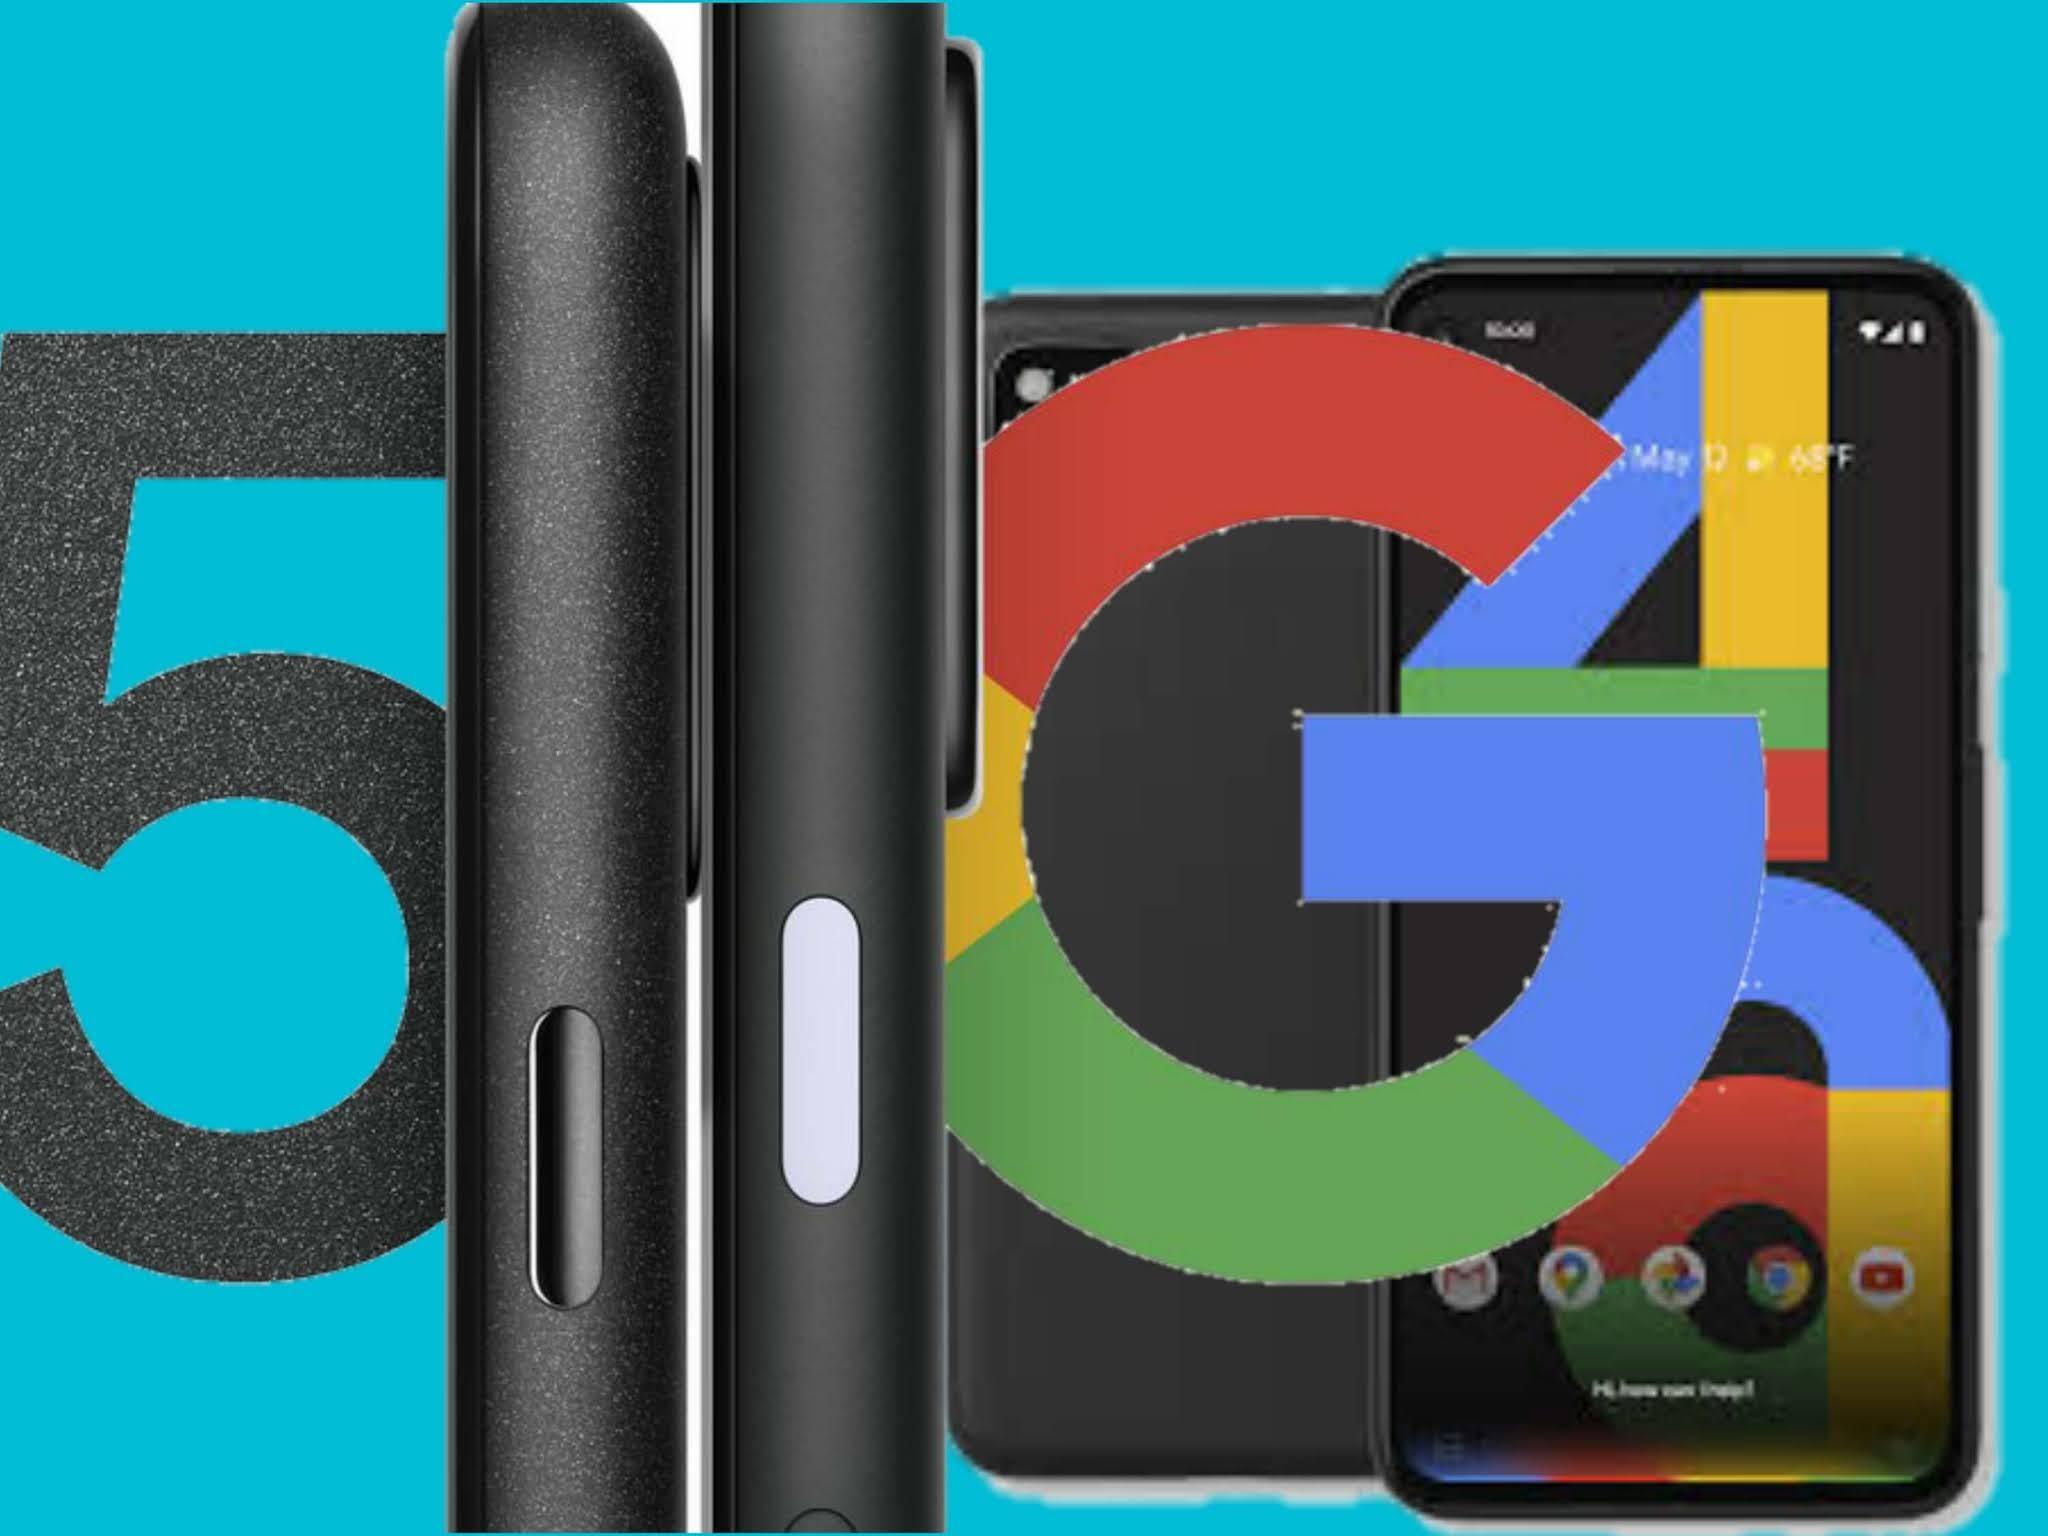 مواصفات وسعر هاتف جوجل بكسل 4a فايف جي Pixel 4a 5G الذي كشفت عنه جوجل مؤخراً